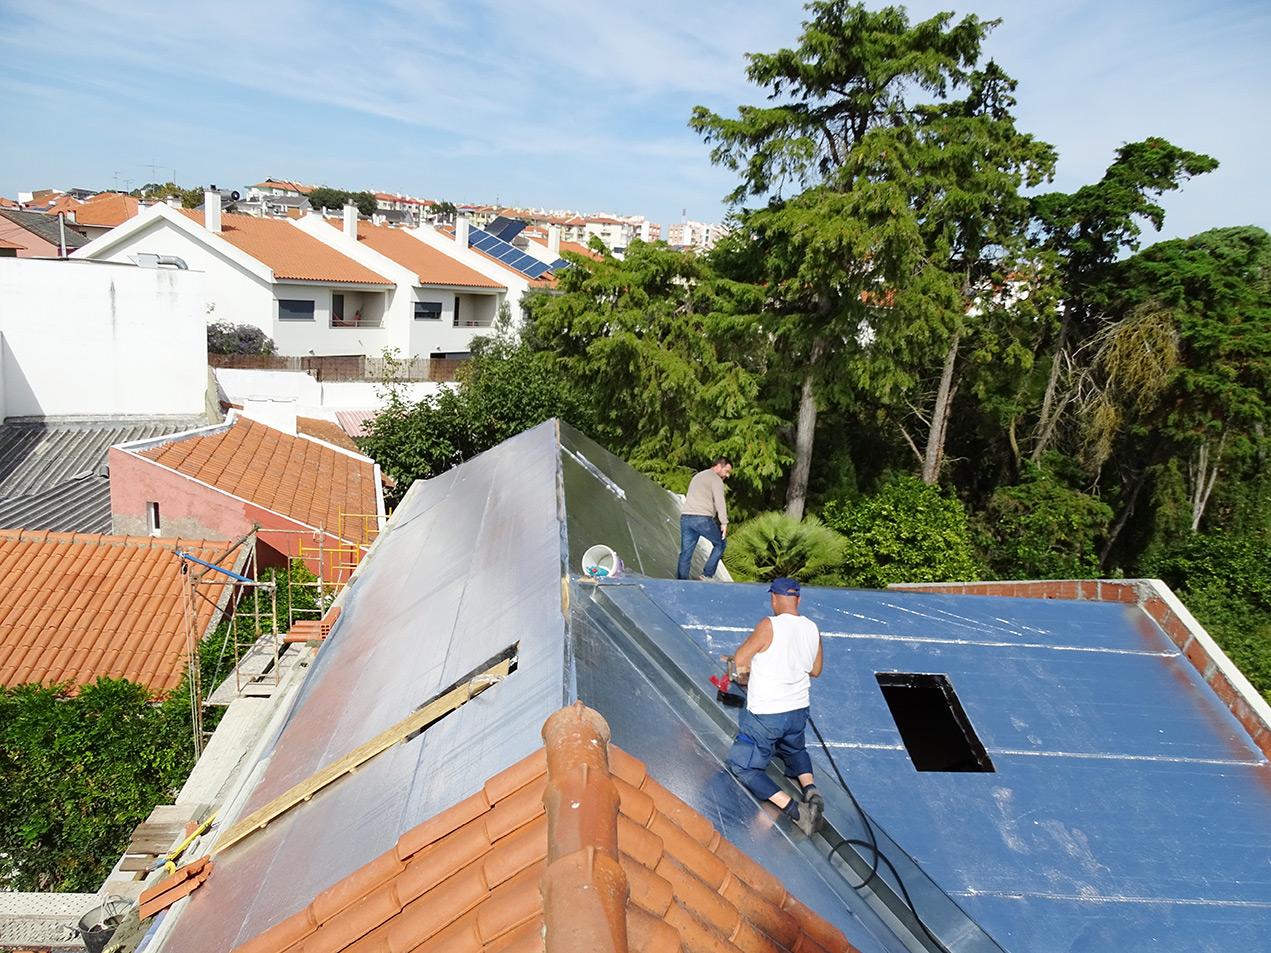 Empresas de impermeabilização de telhados em Lisboa